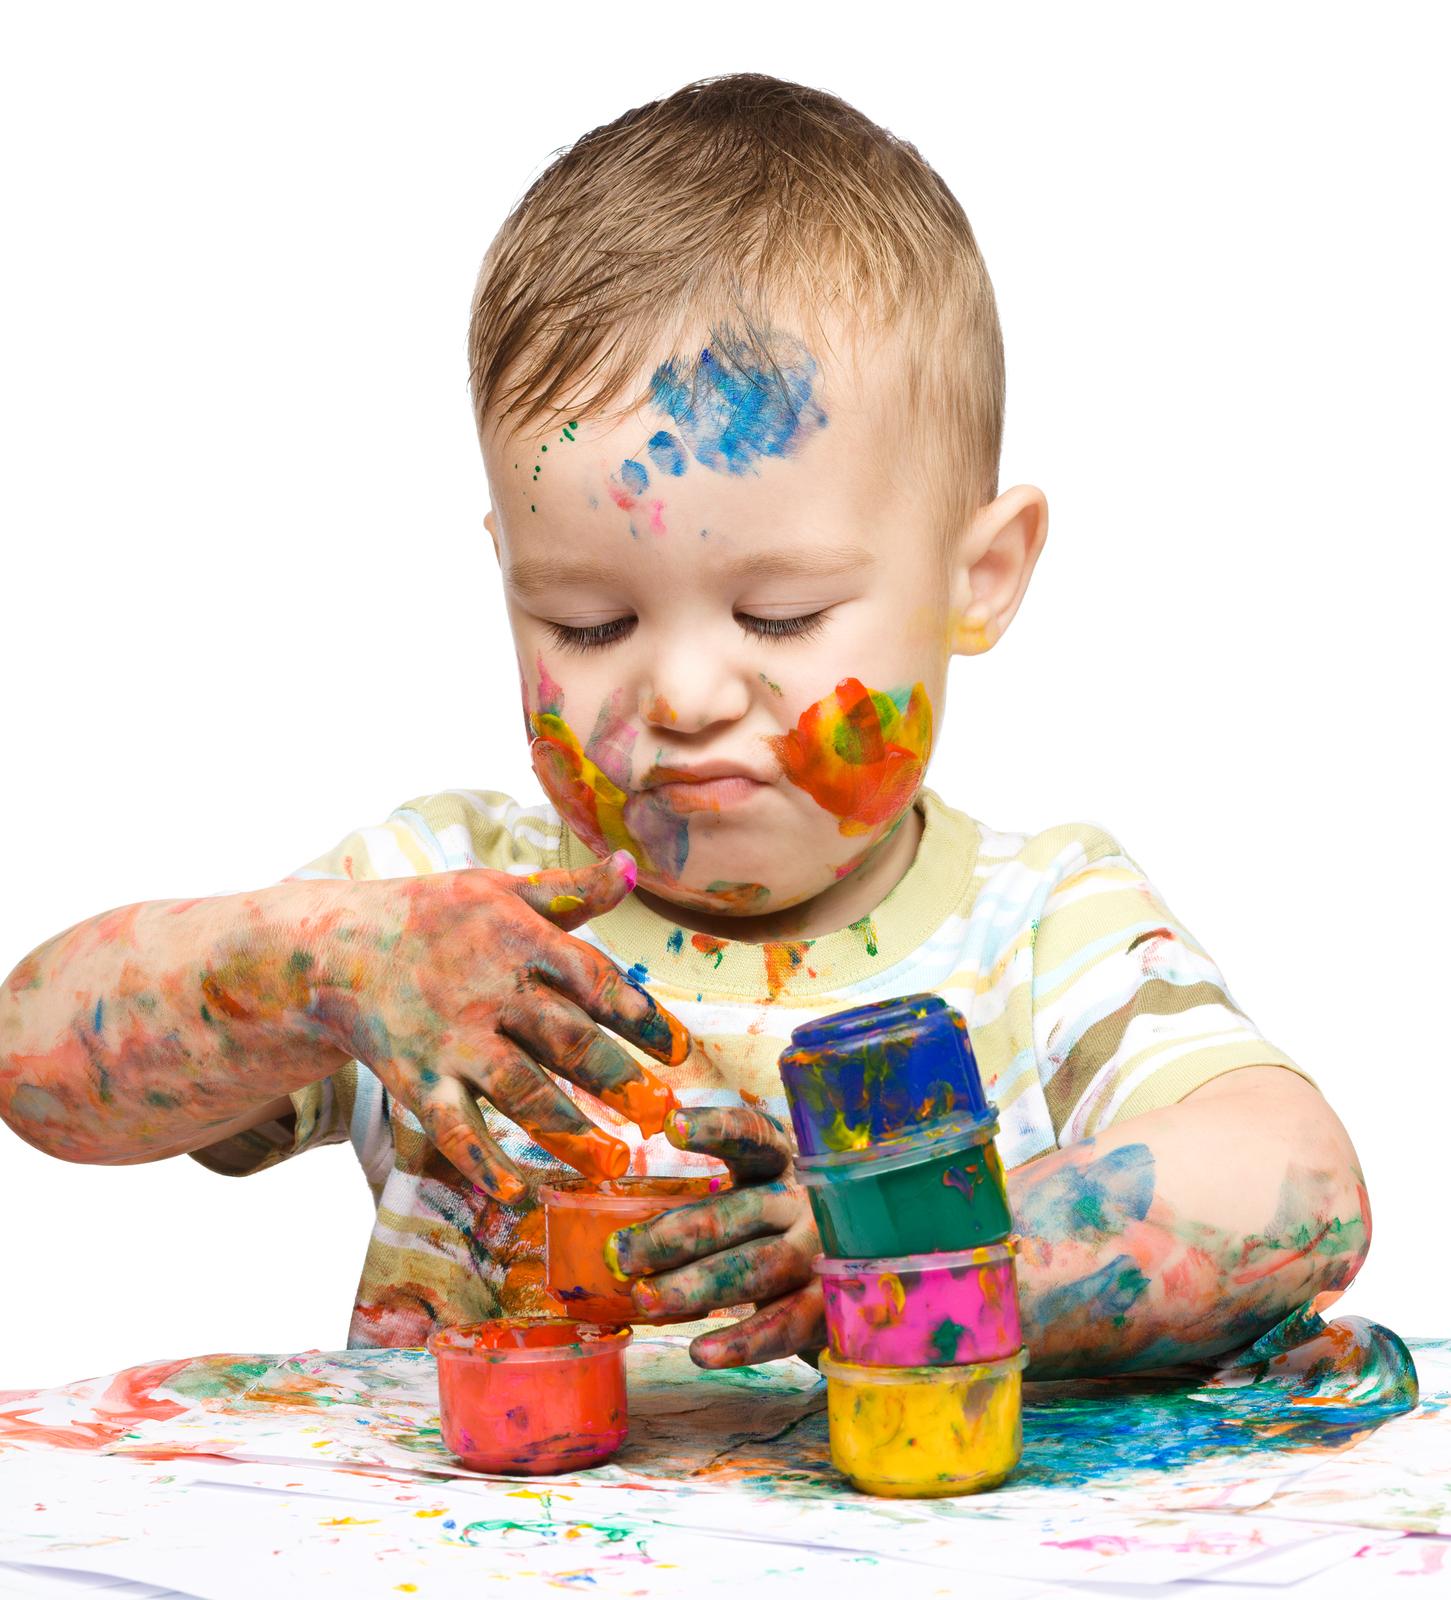 bigstock-Portrait-of-a-cute-little-boy--43918198.jpg